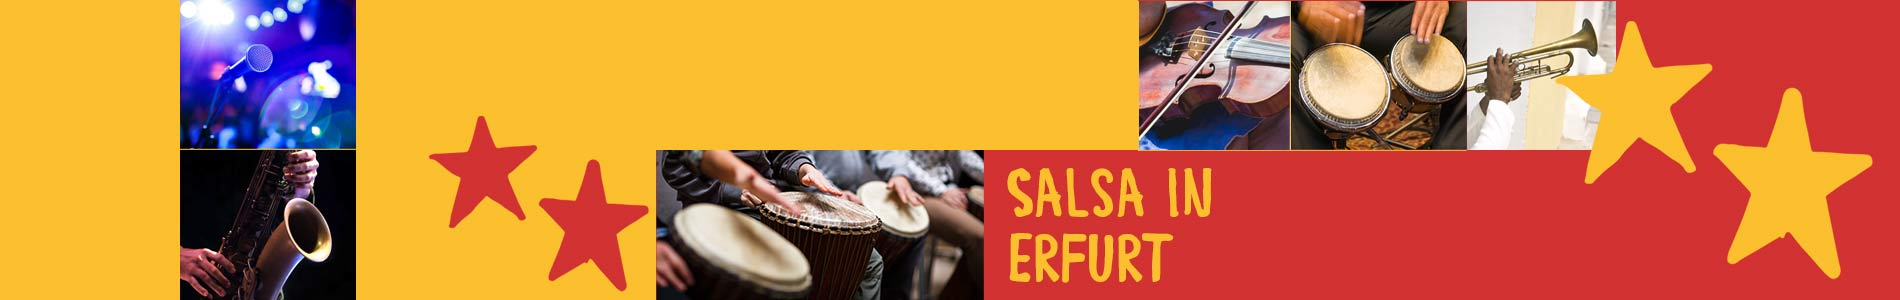 Salsa in Erfurt – Salsa lernen und tanzen, Tanzkurse, Partys, Veranstaltungen